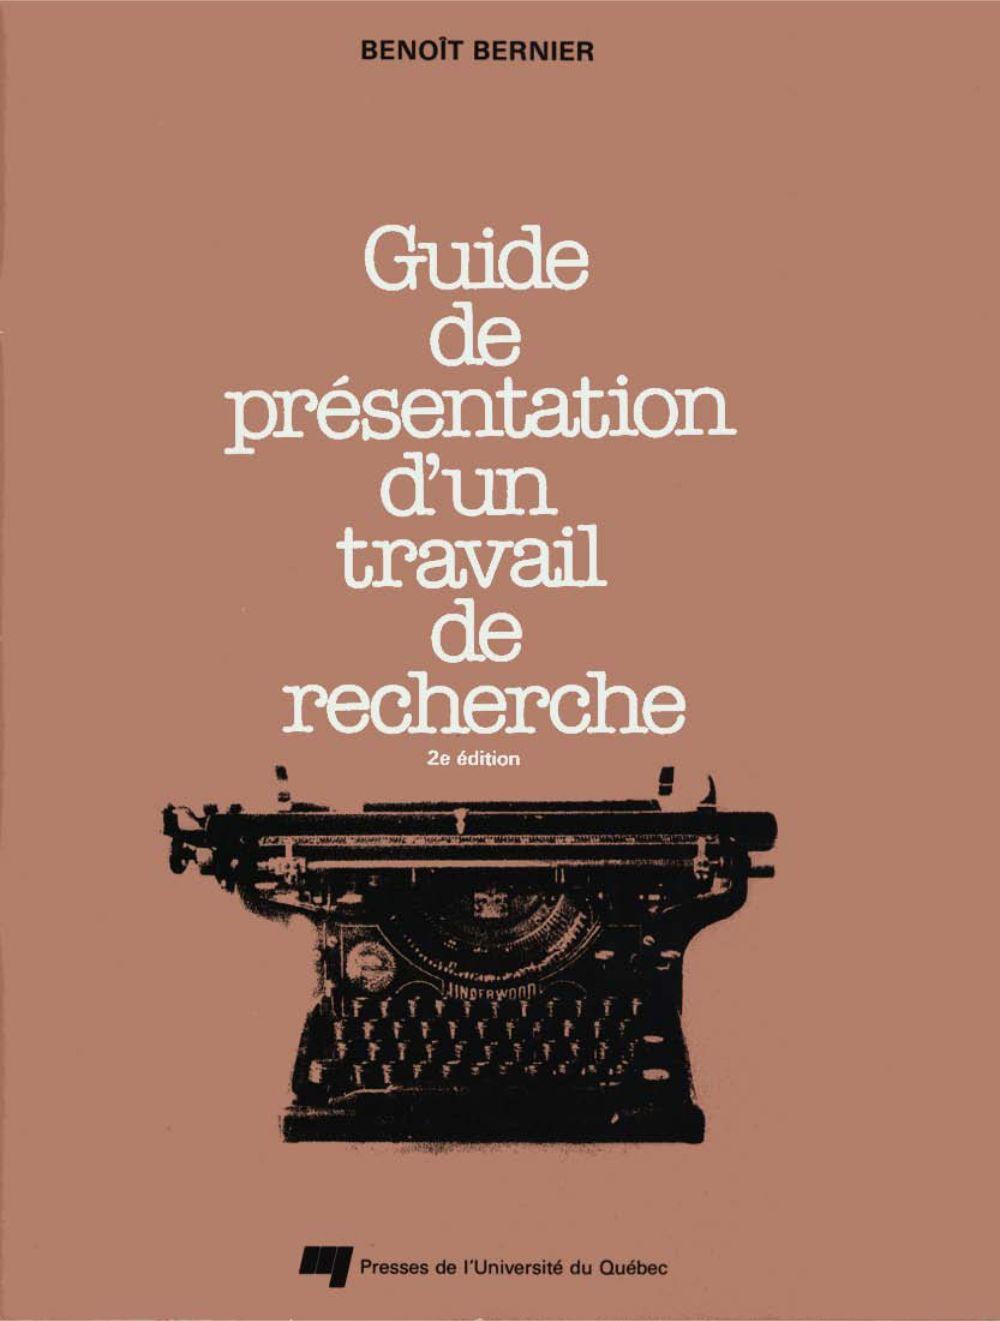 Guide de présentation d'un travail de recherche